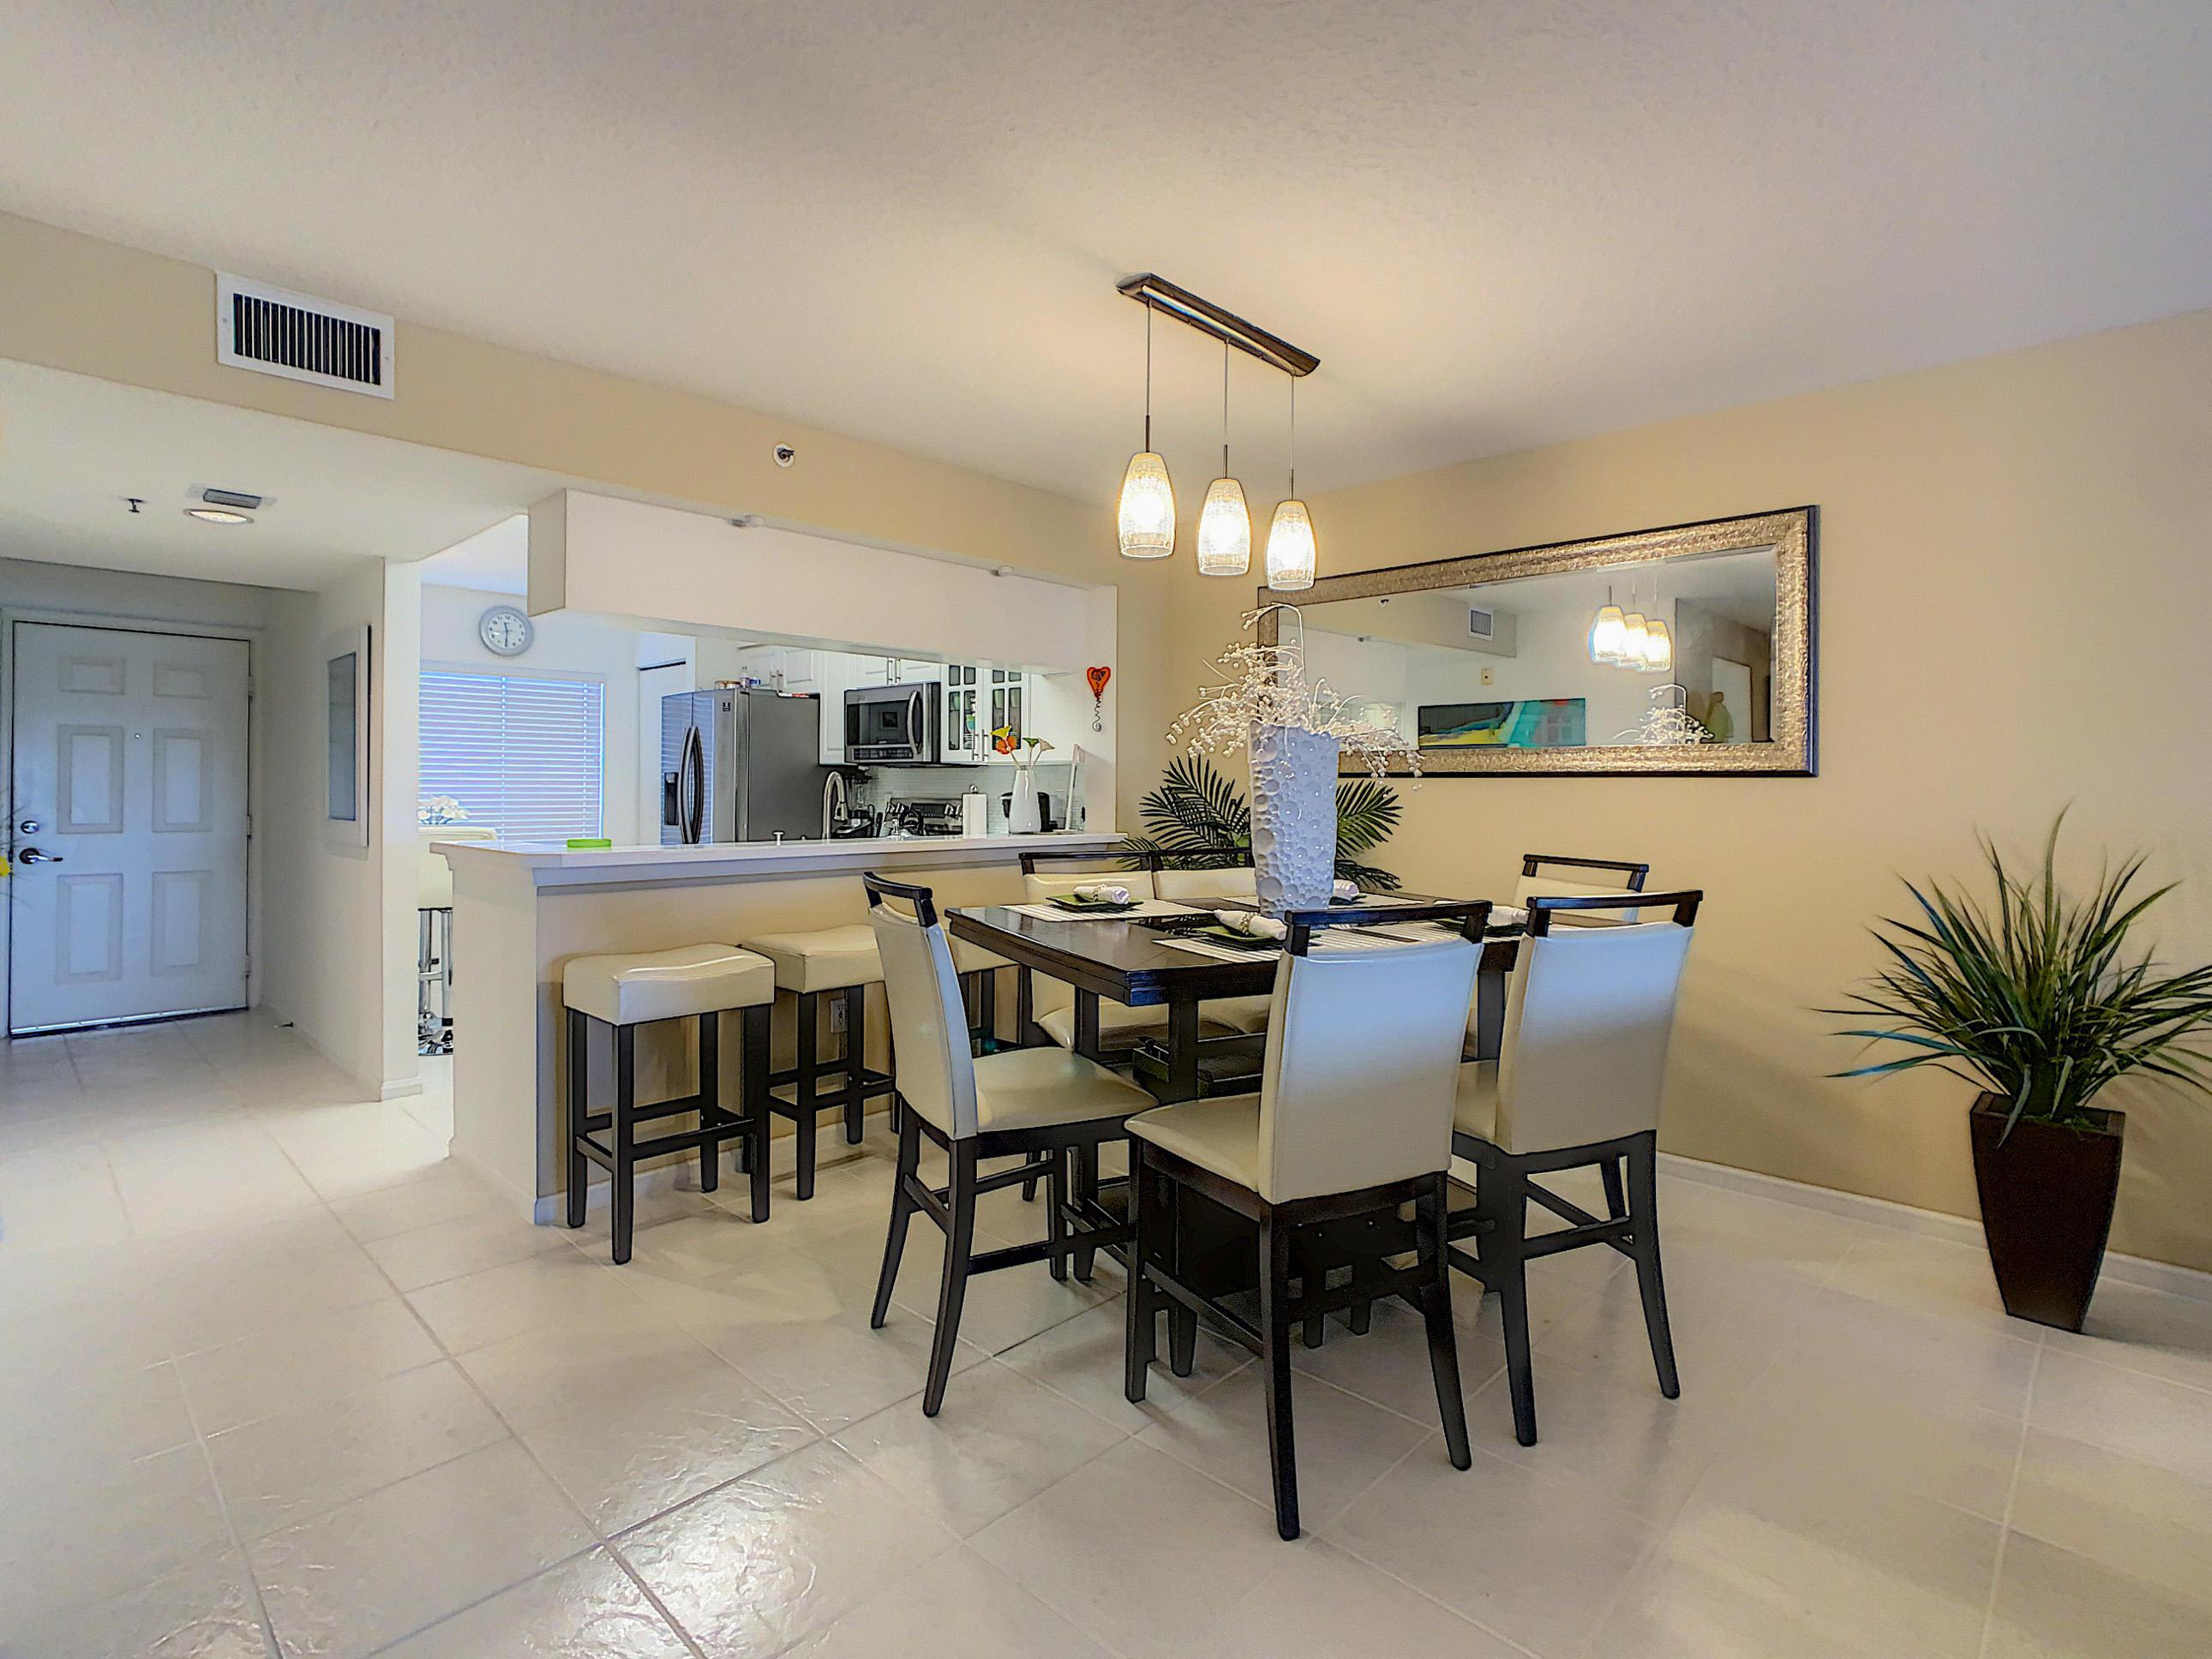 12547 Imperial Isle Drive 402 Boynton Beach, FL 33437 photo 4